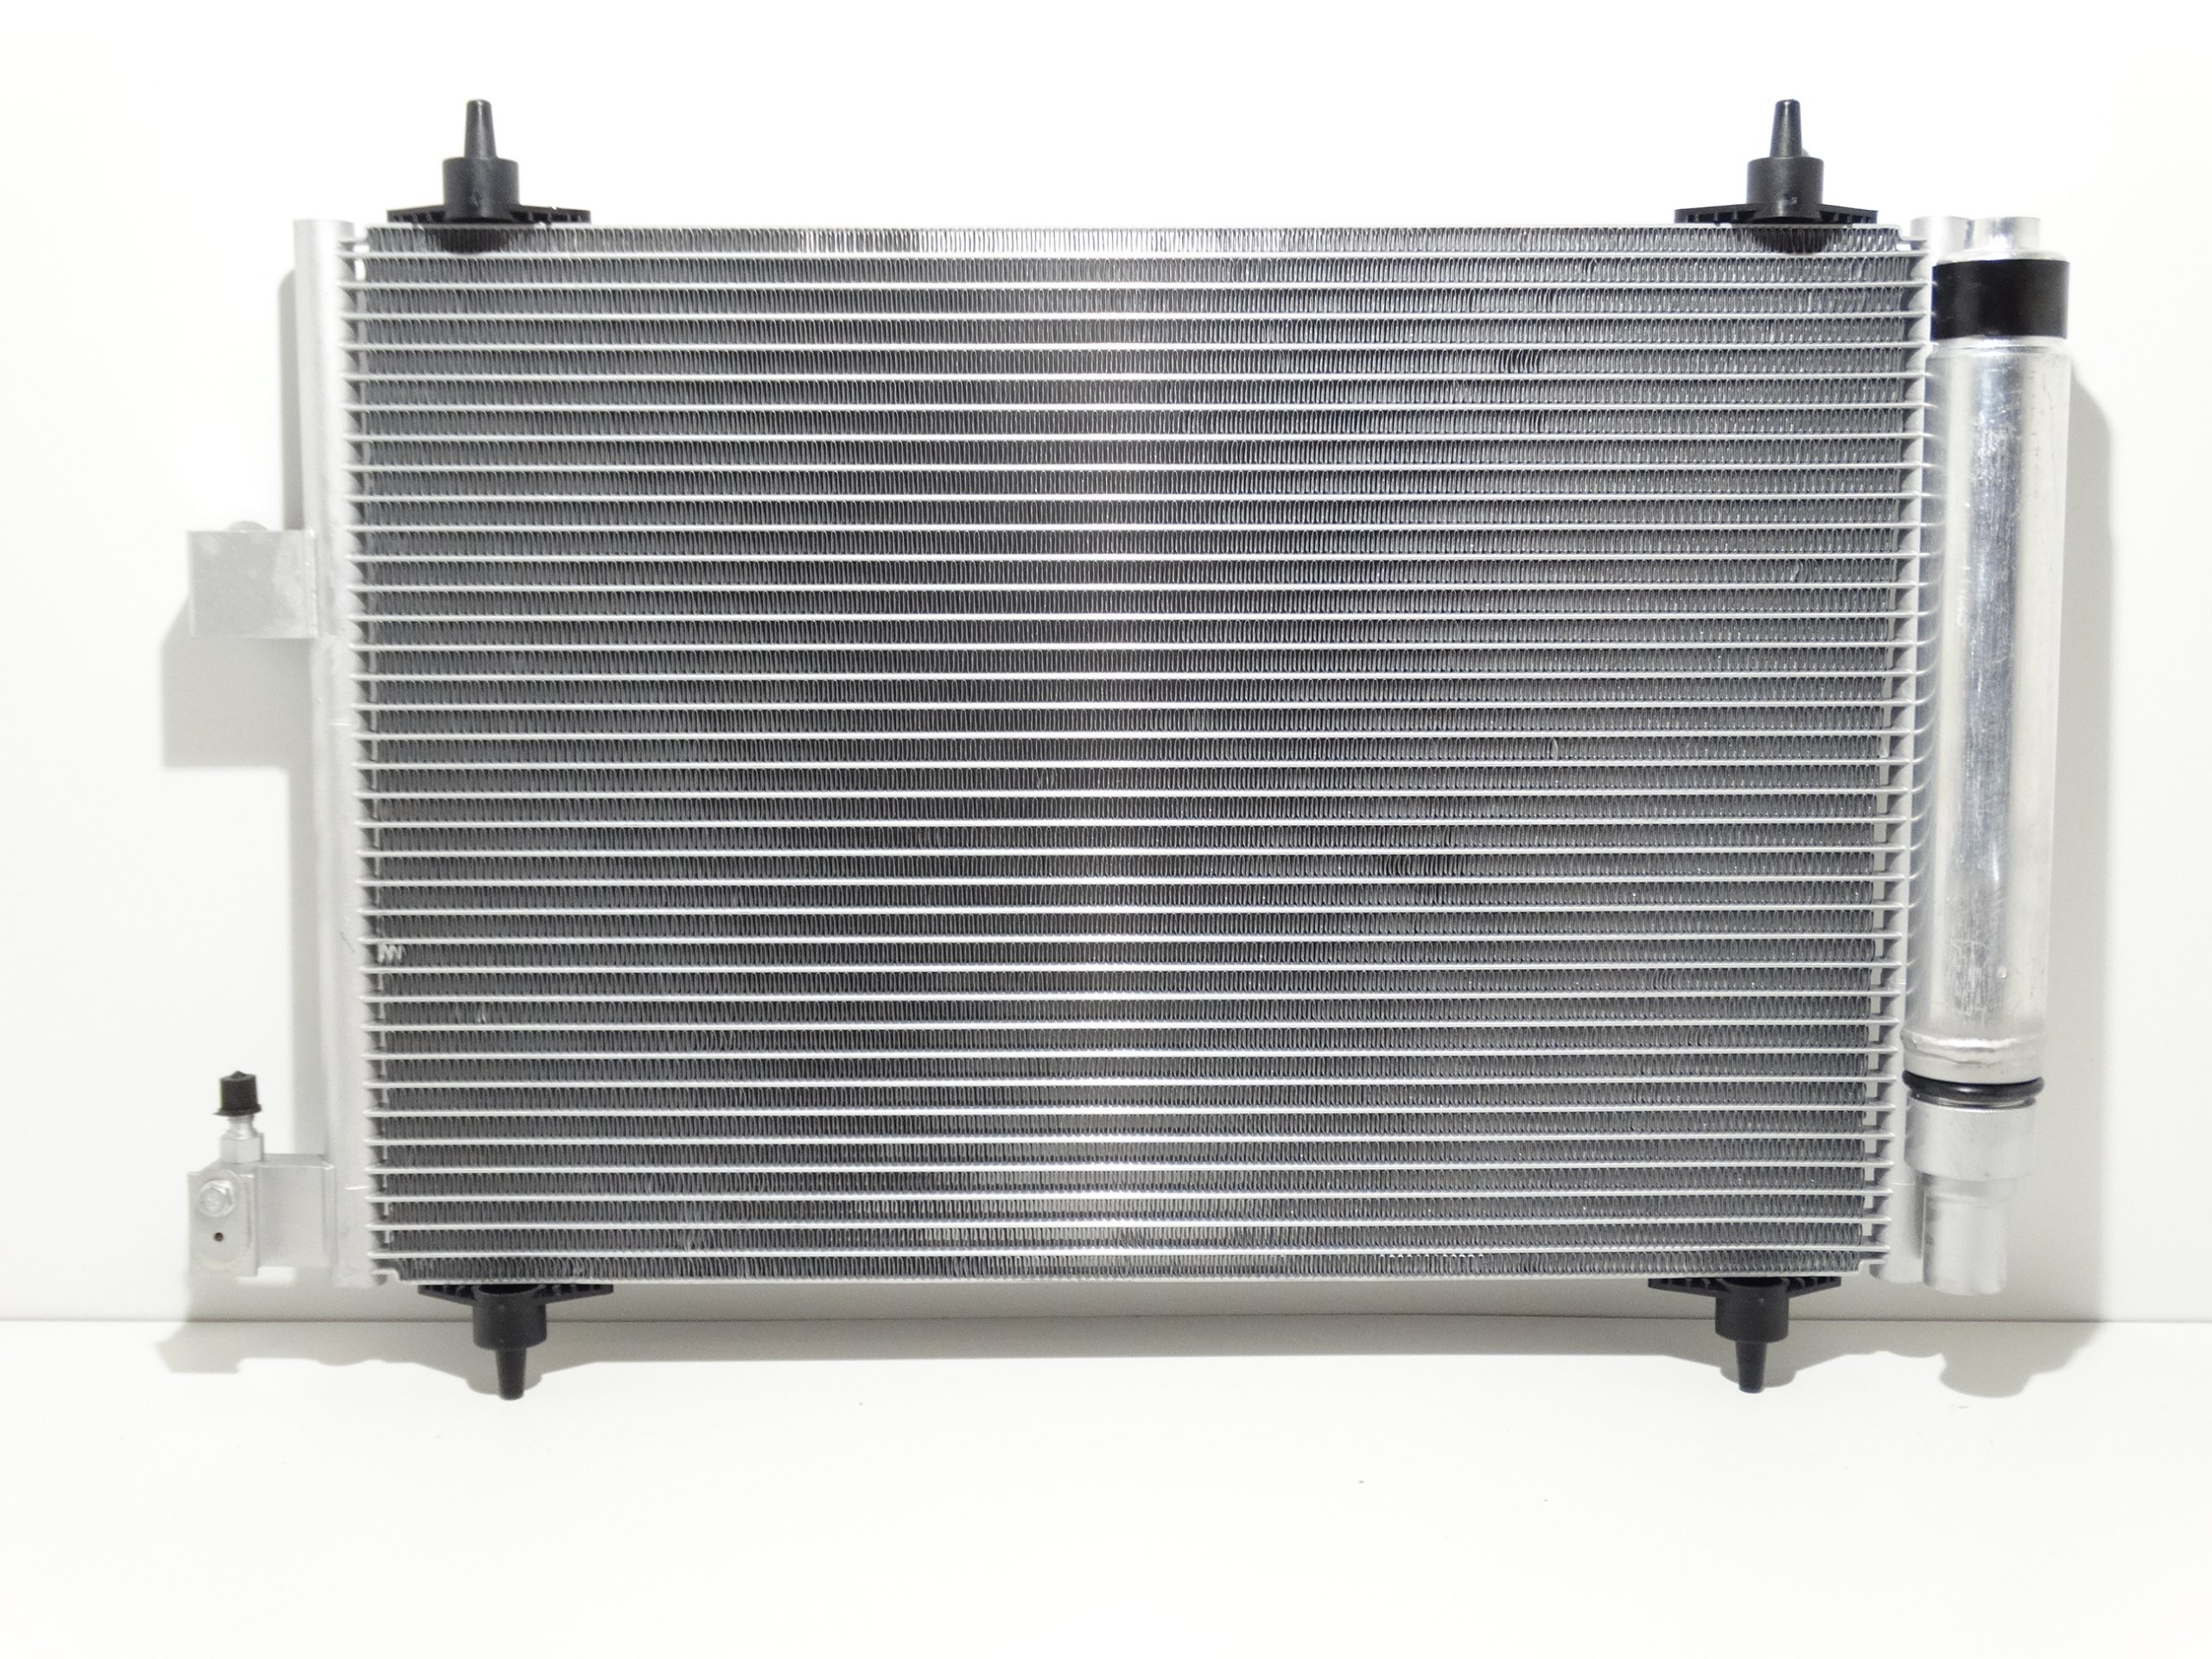 радиатор кондиционирования воздуха peugeot 407 2004-2011 новая